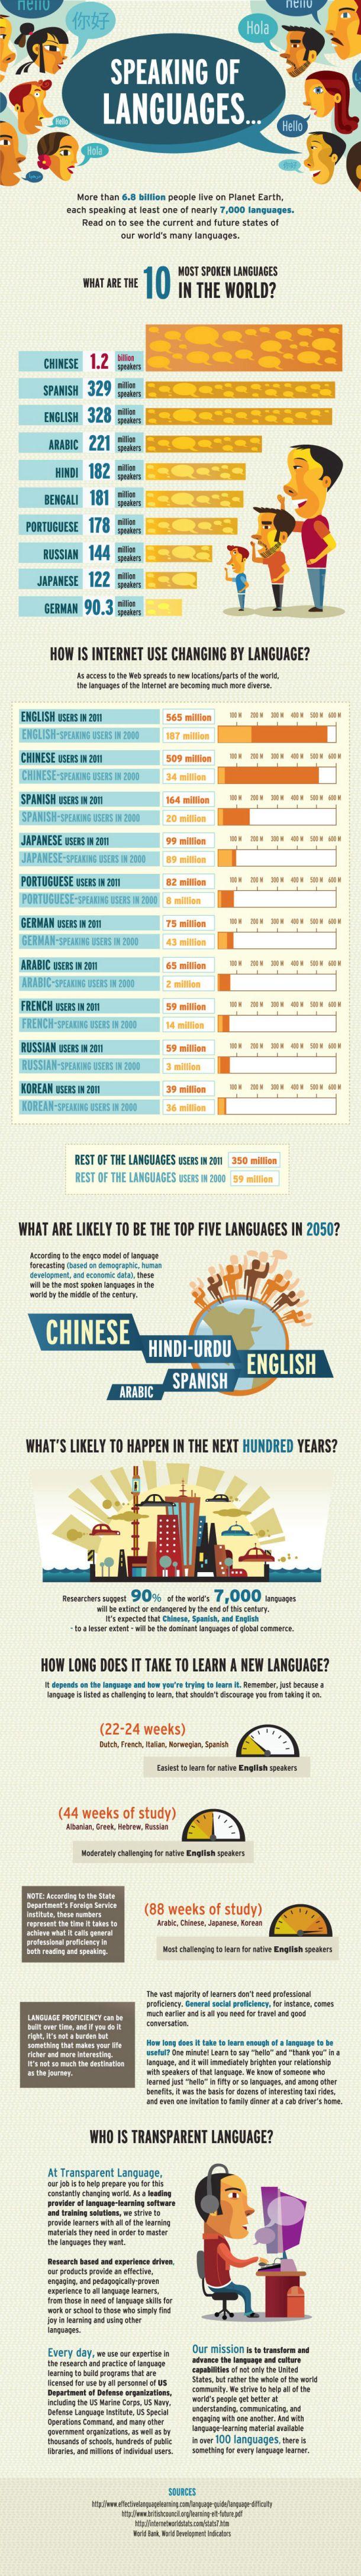 Speaking of Languages...